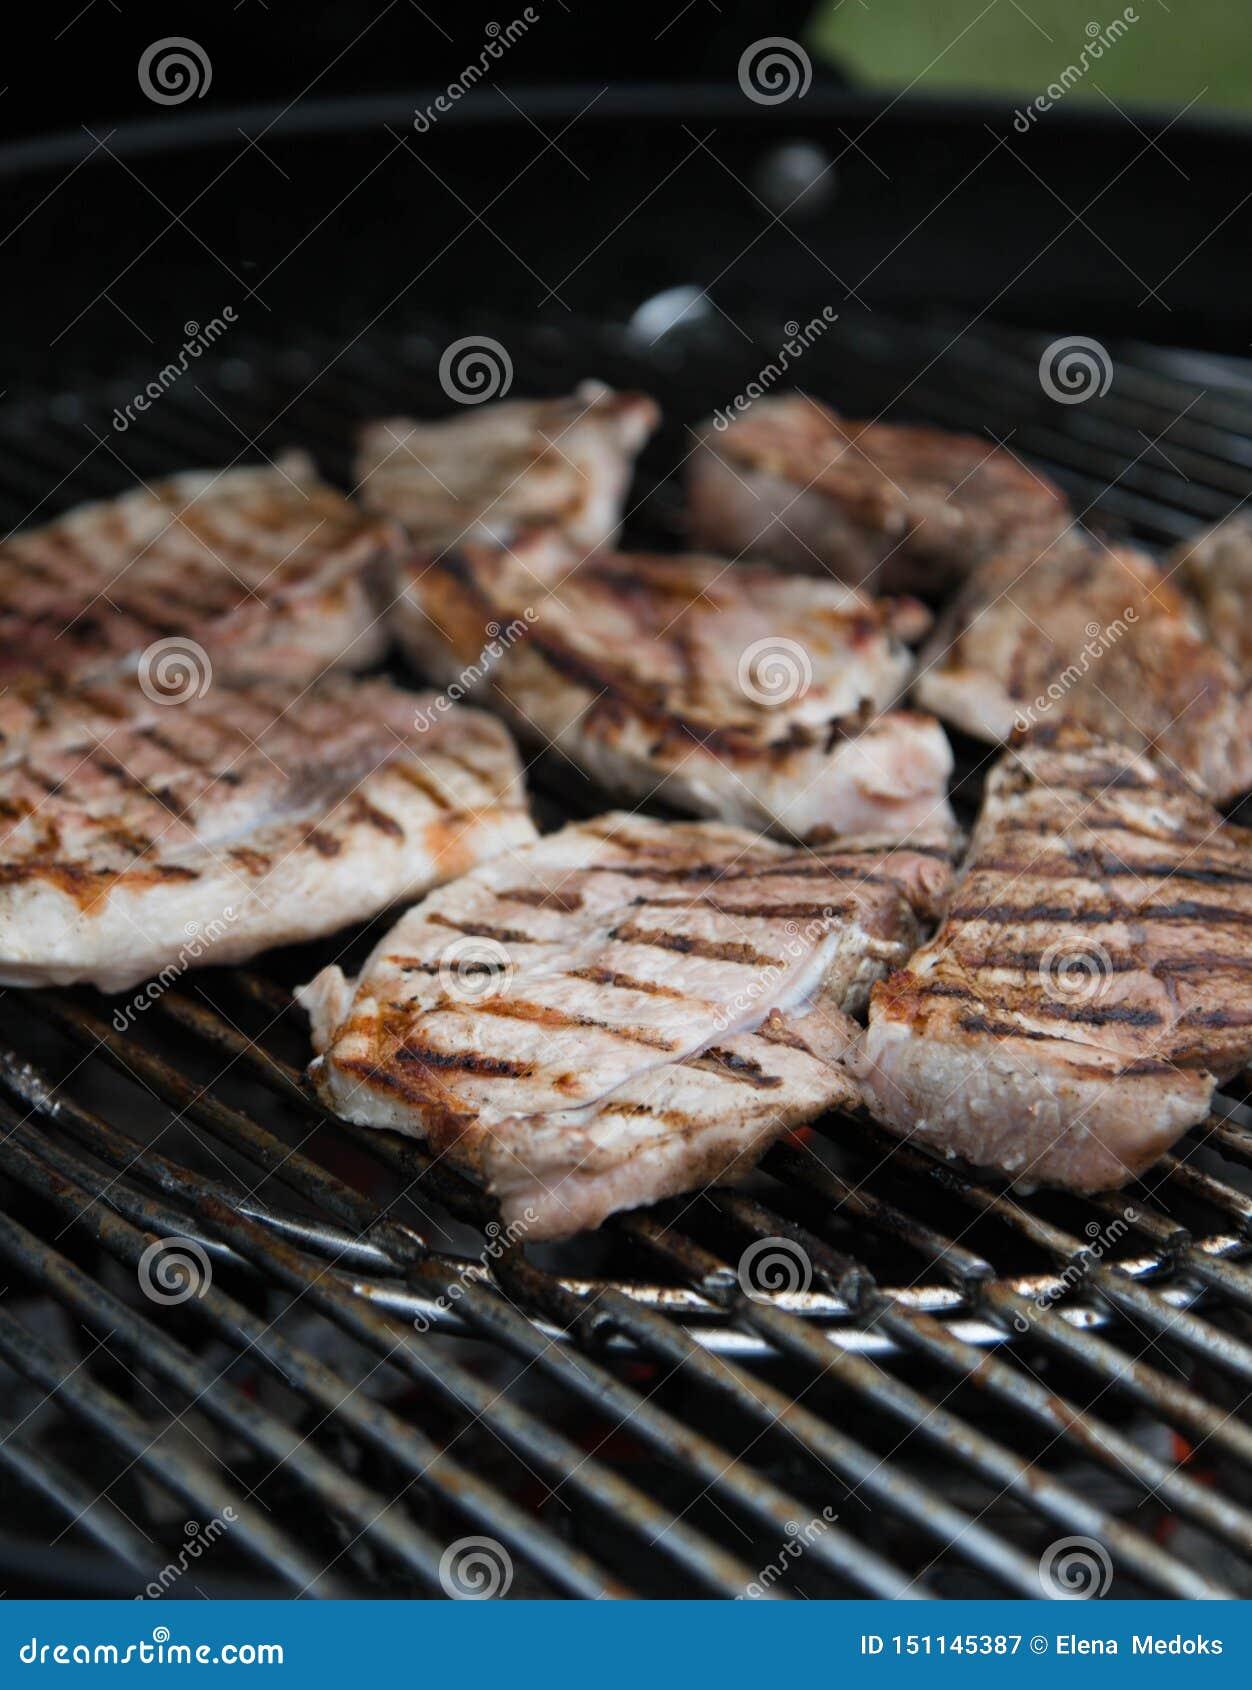 Grillad köttbiff, marinerade stycken av kött grillas på gallret grillfester